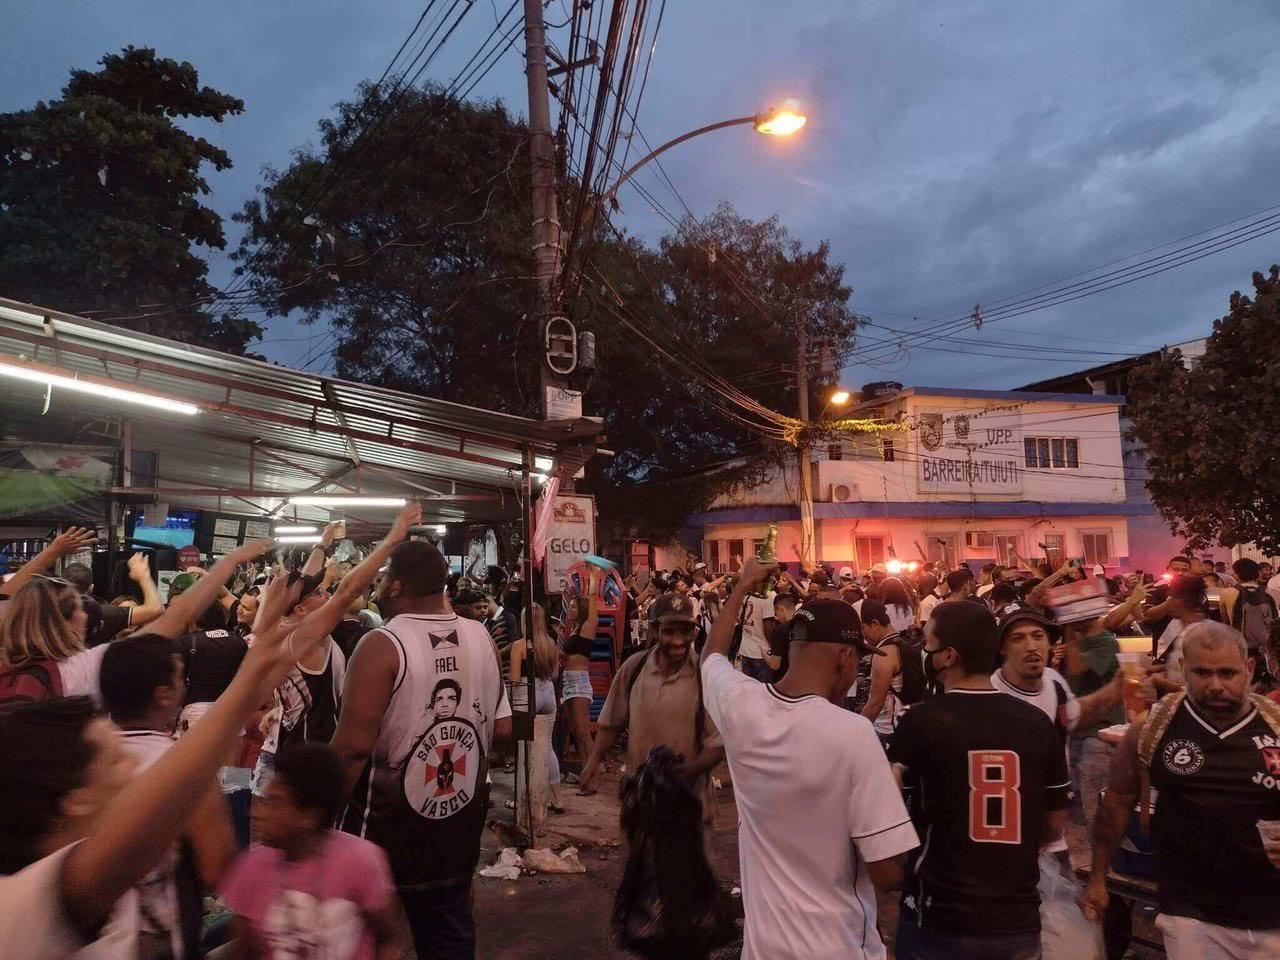 Torcedores do Vasco da Gama em São Januário (Foto: